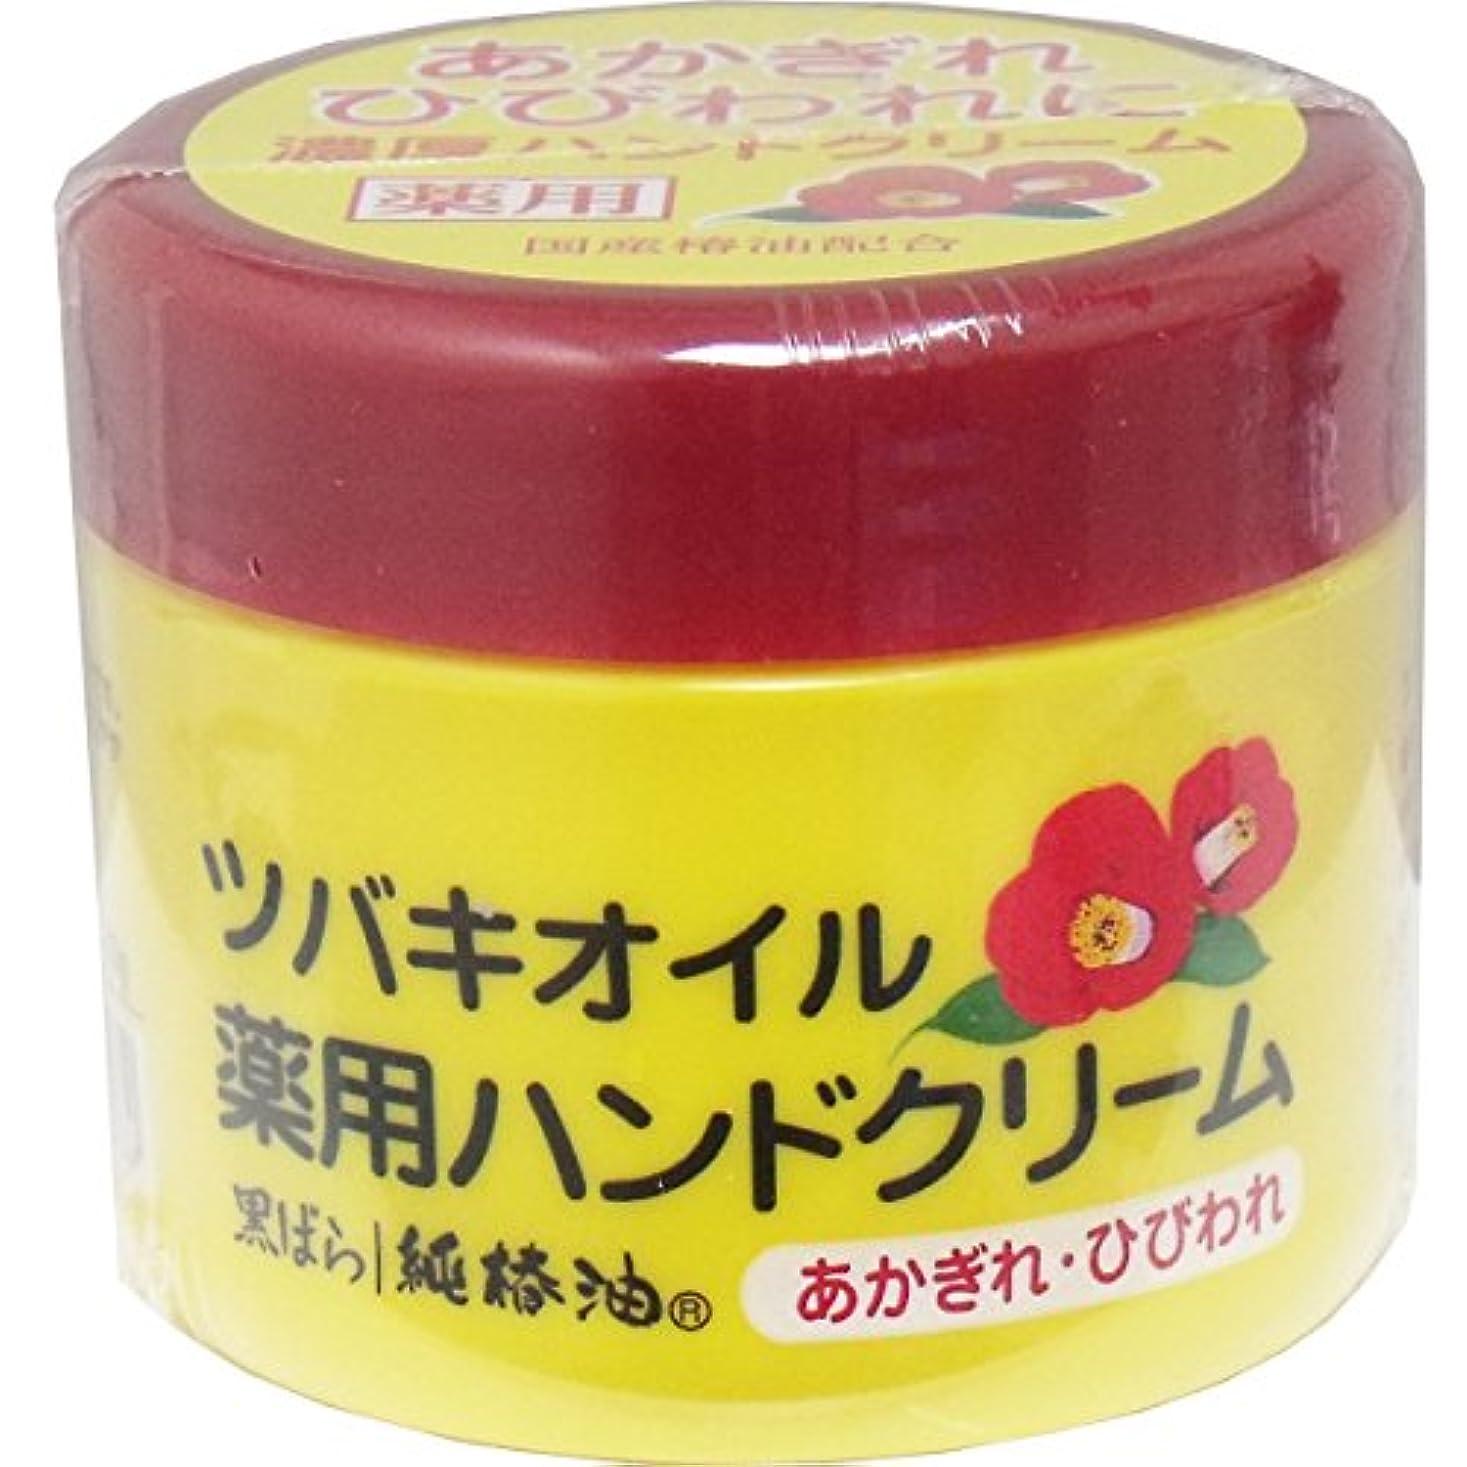 旅品揃え不調和【まとめ買い】ツバキオイル 薬用ハンドクリーム ×2セット